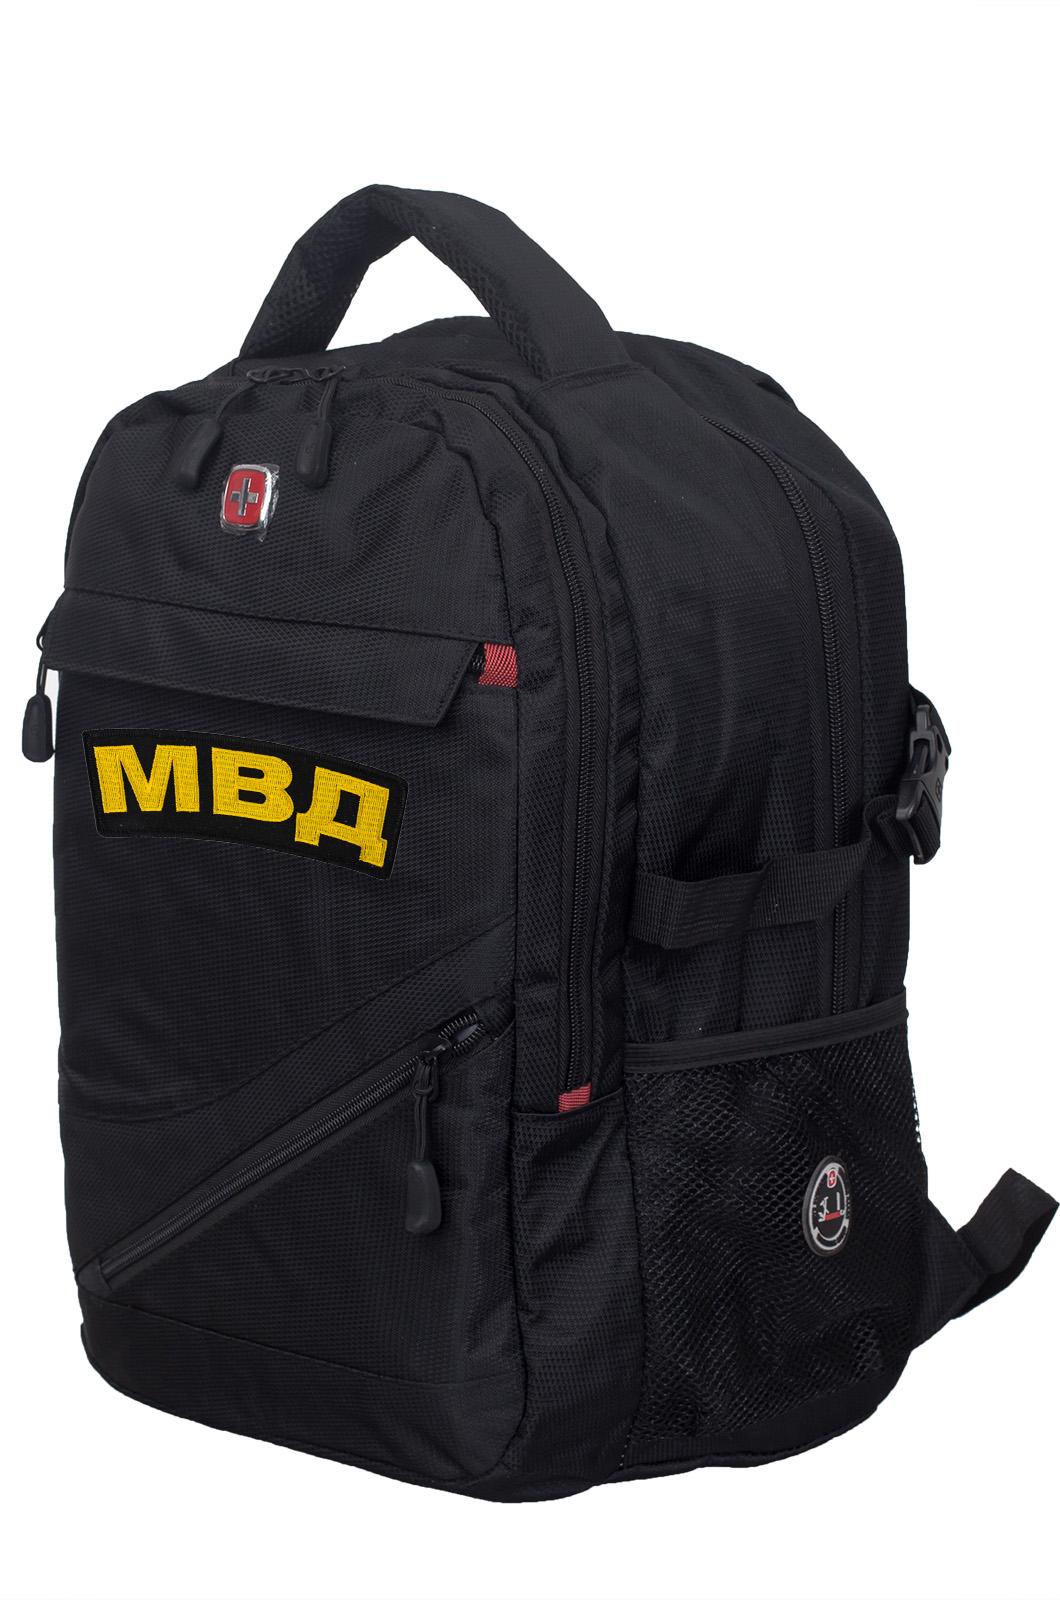 Универсальный черный ранец-рюкзак МВД - заказать с доставкой